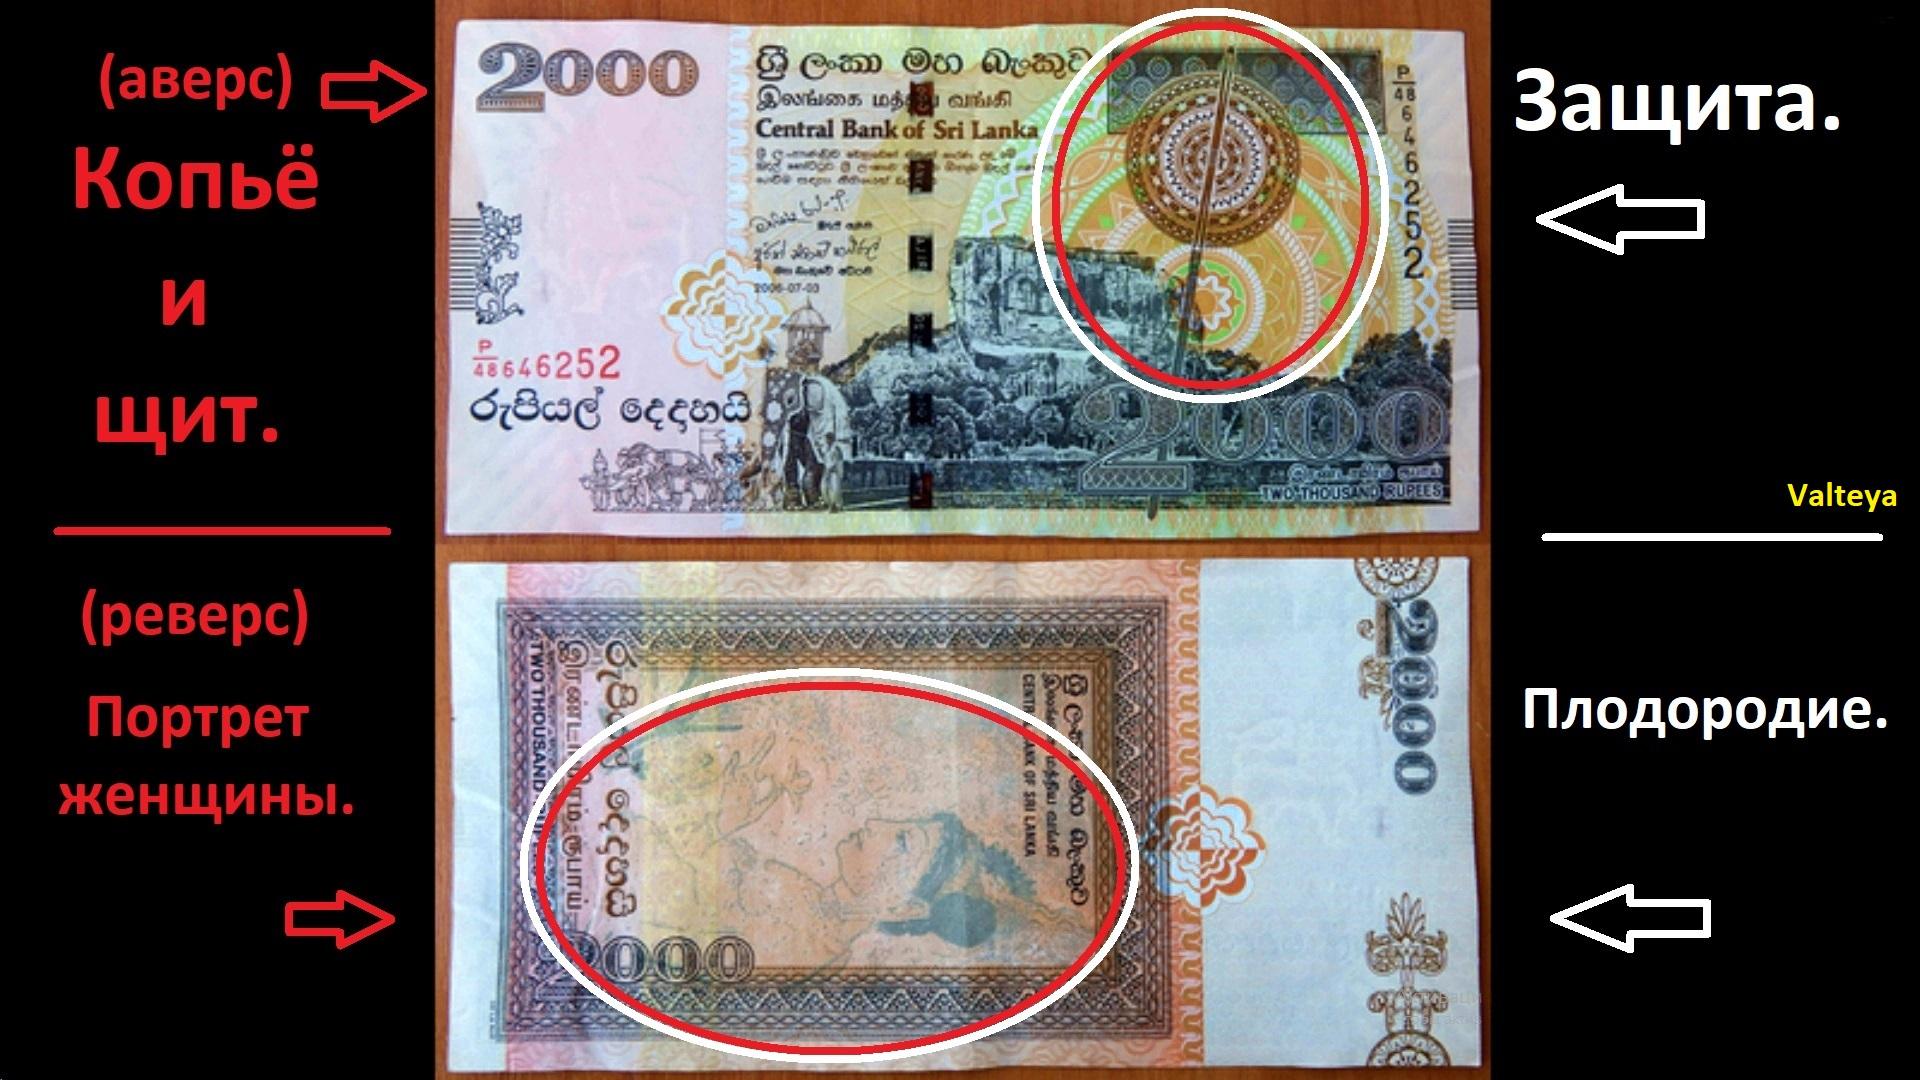 ШРИ-ЛАНКИЙСКАЯ (ЛАНКИЙСКАЯ) РУПИЯ / Деньги Шри Ланки / Деньги мира / Деньги талисманы. DDE2L9fEEKU